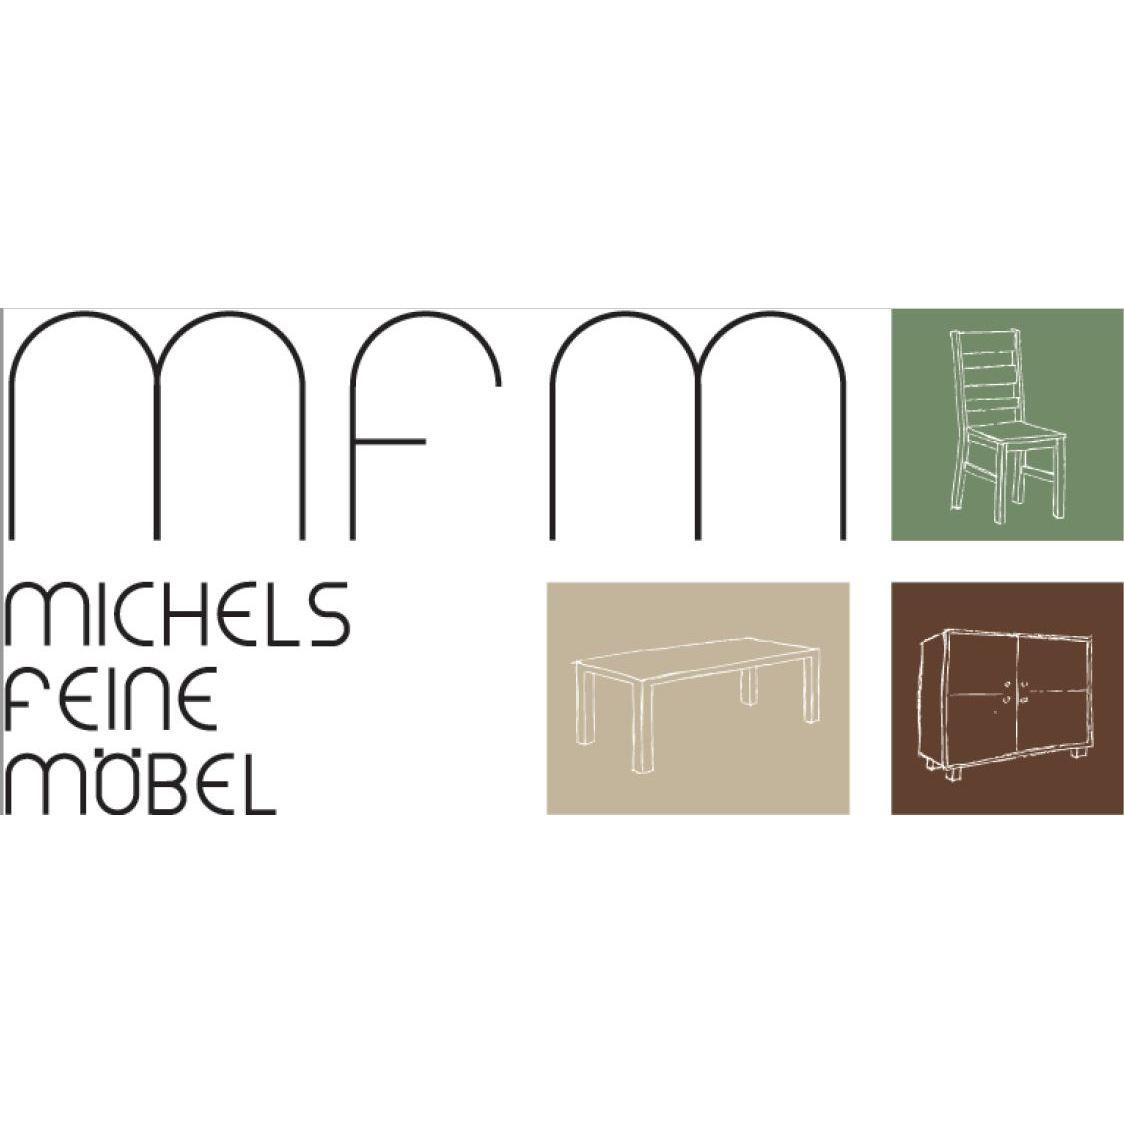 mfm-michels feine möbel in Schwabach, Ungerthaler Straße 6c ...